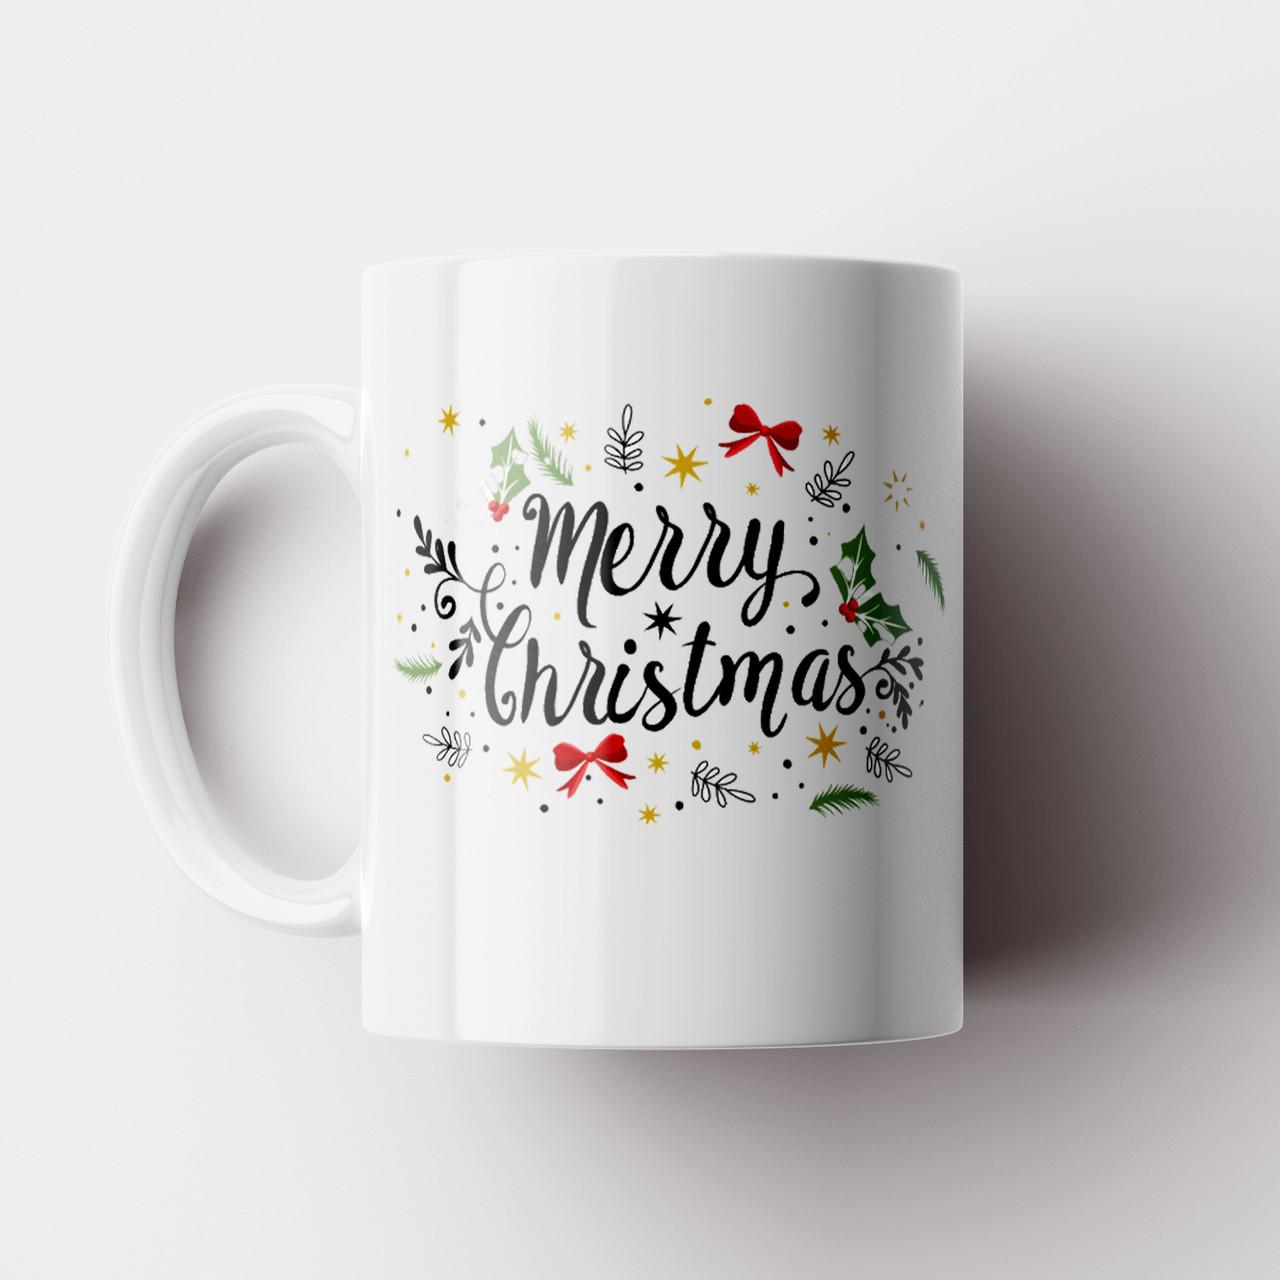 Чашка Merry Christmas. Новорічна чашка №2. Новий Рік